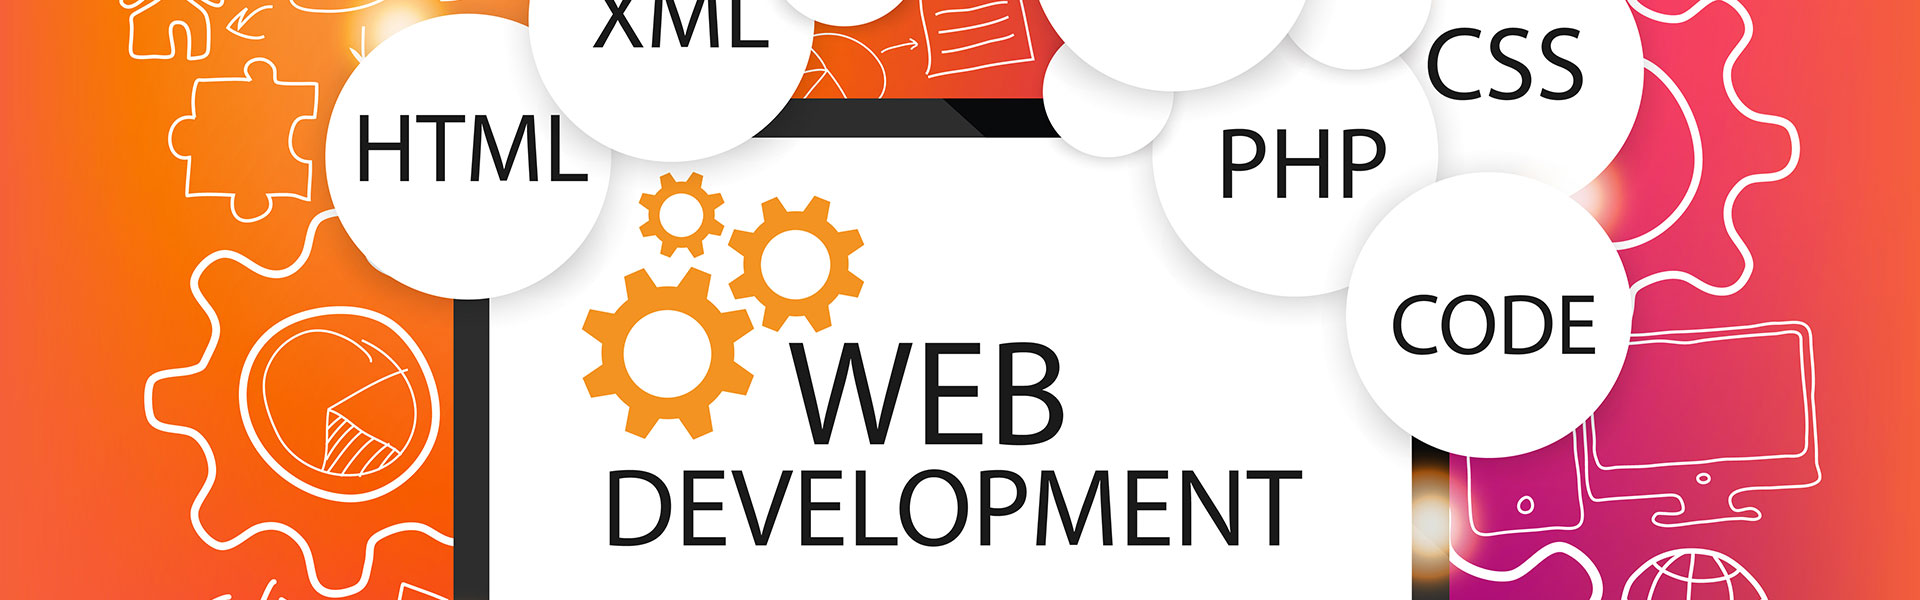 15 Ways To Learn Web Development Etcs